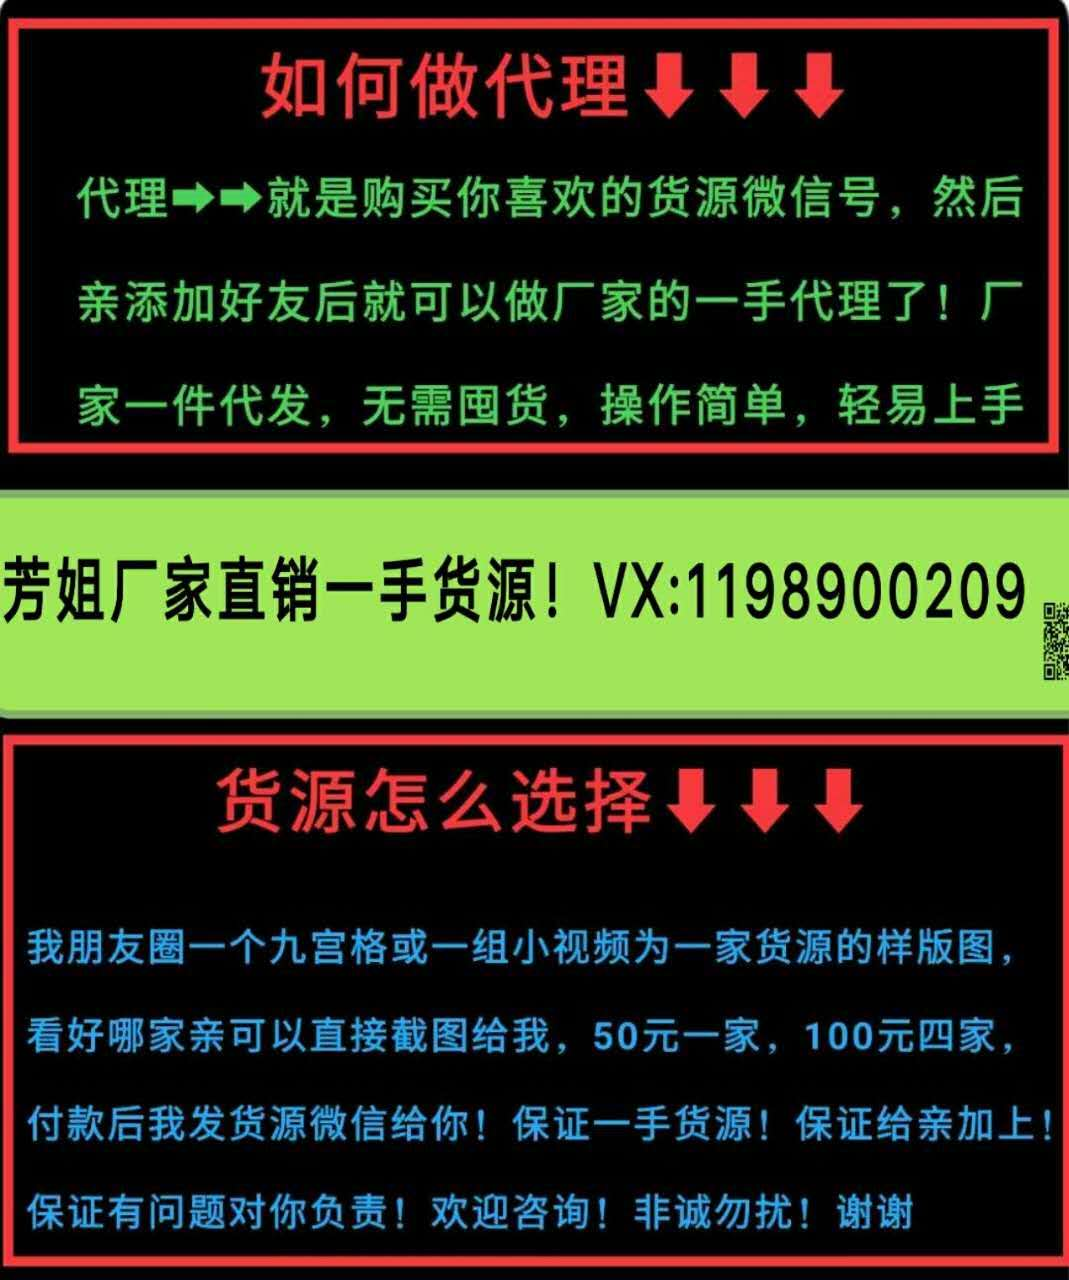 杭州四季青童装女装厂家直销一手货源对接批发市场